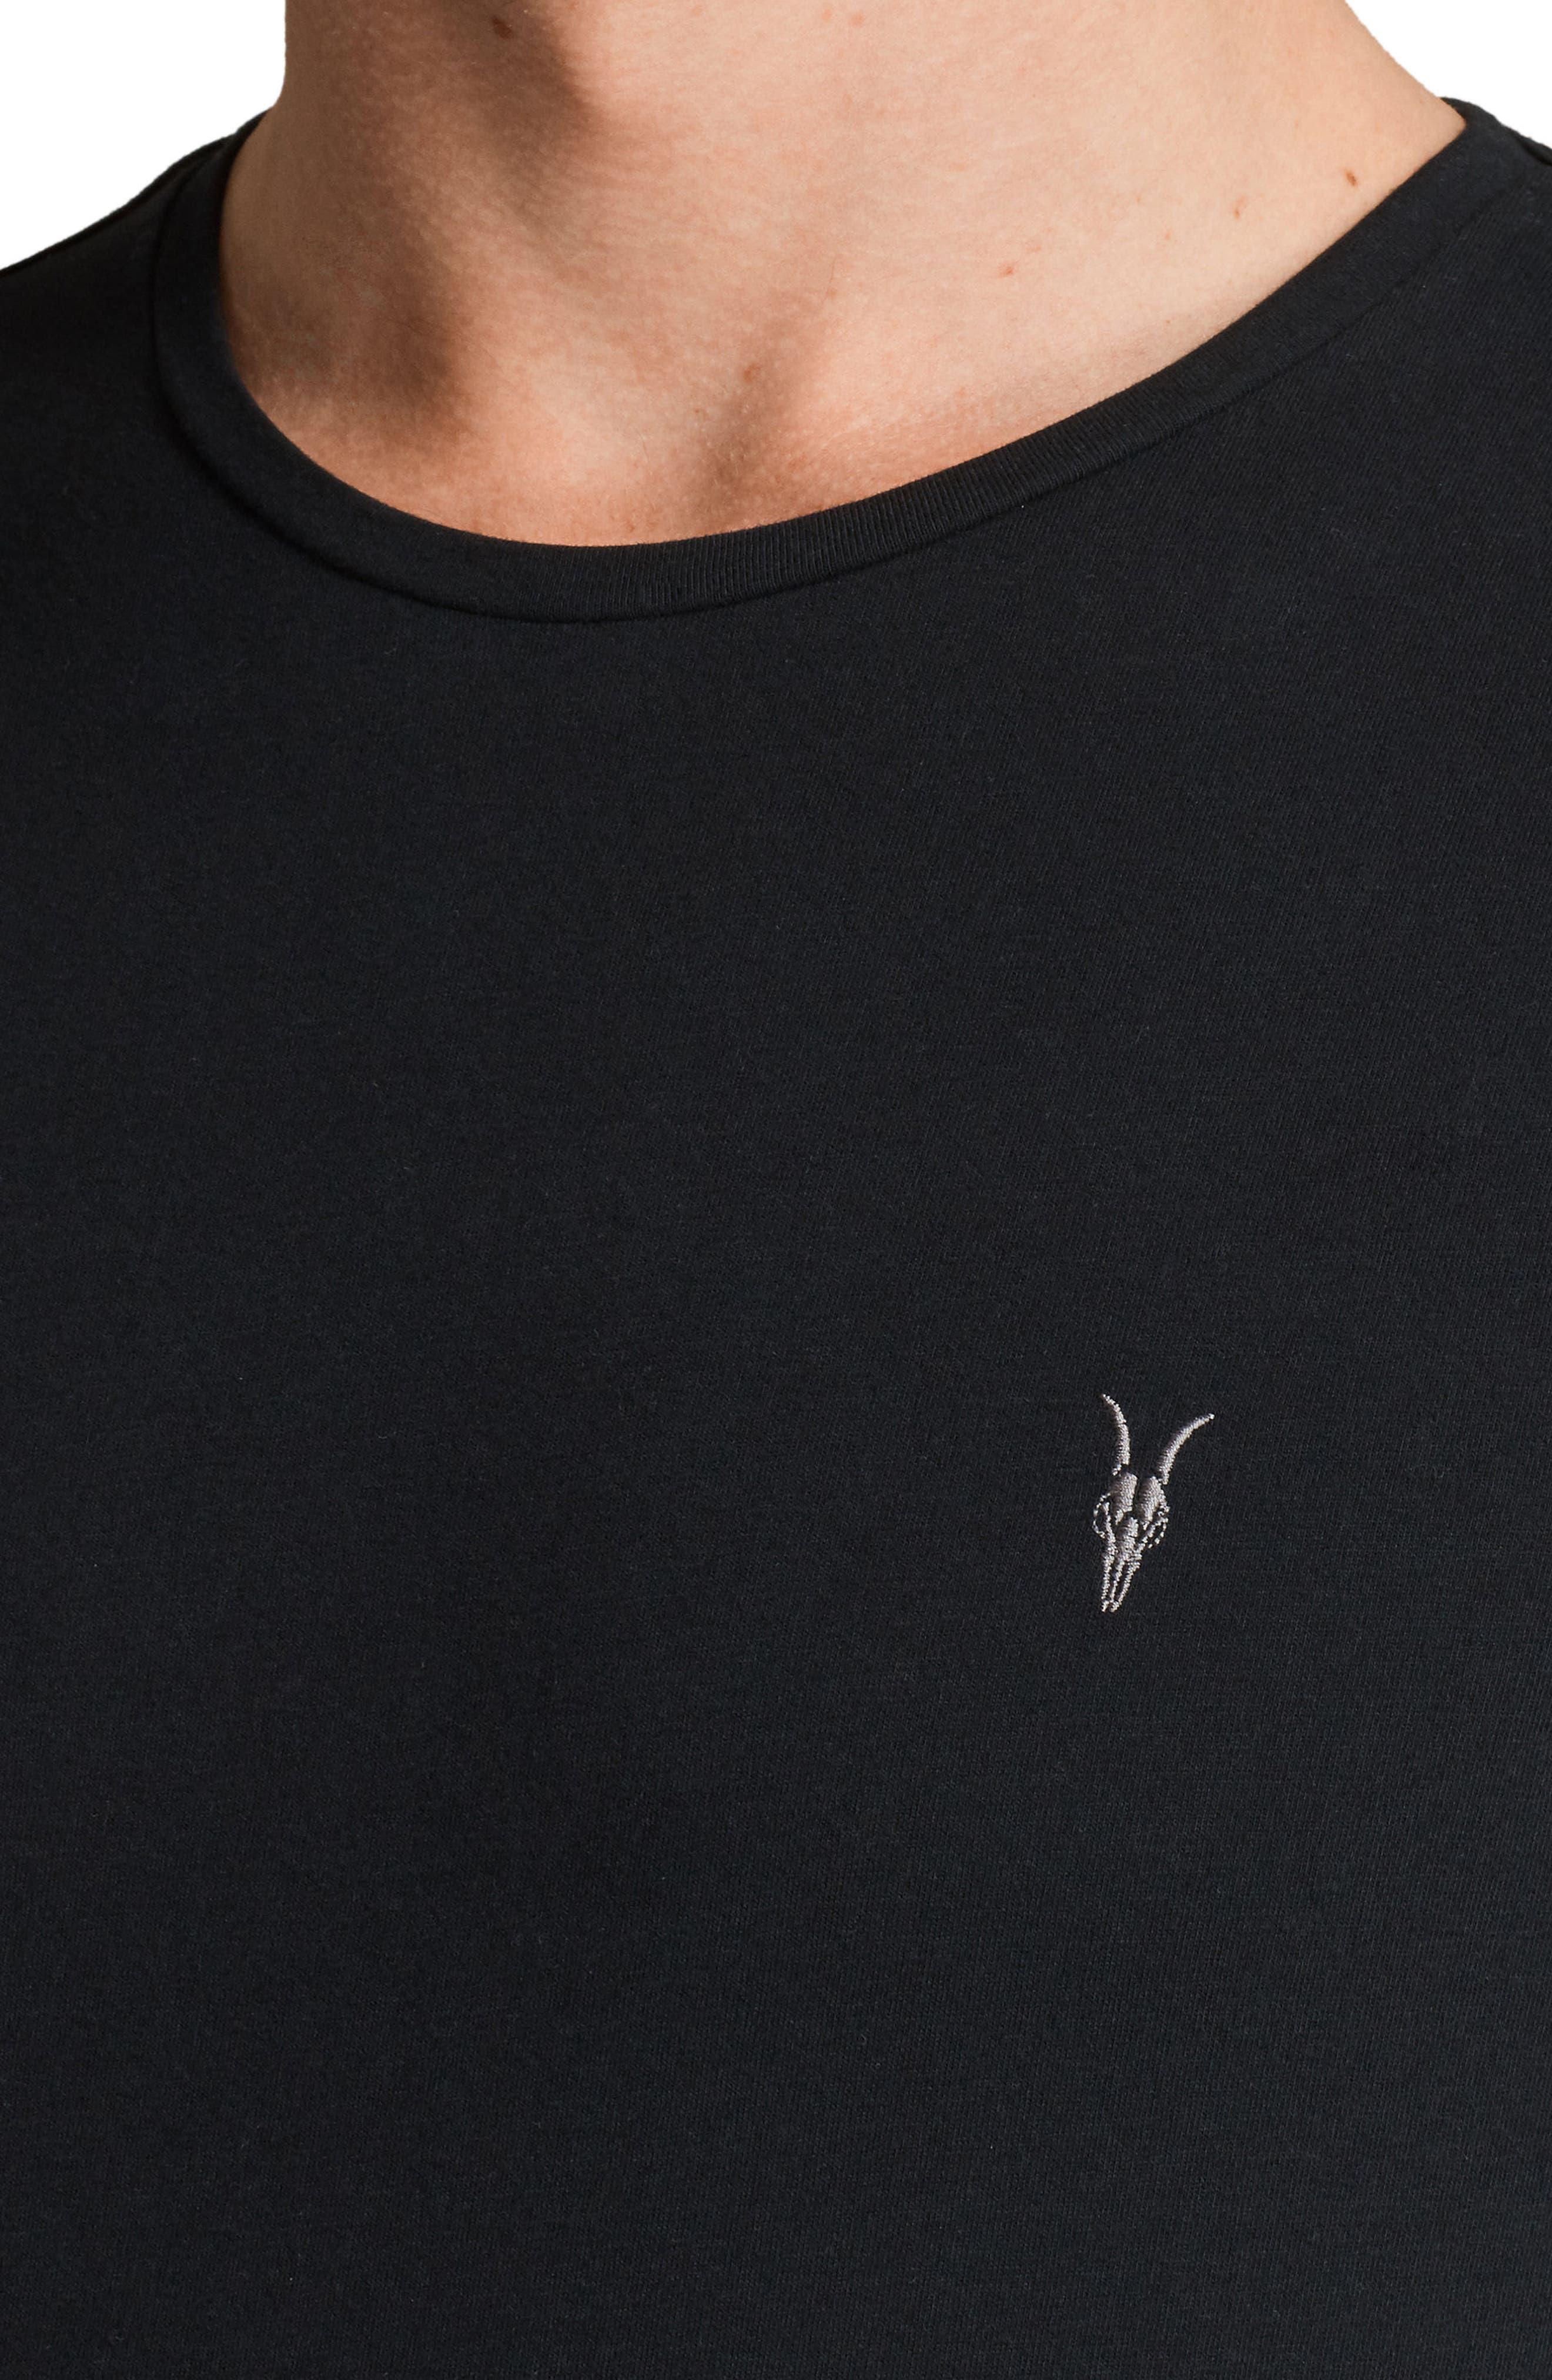 Brace Tonic Slim Fit Crewneck T-Shirt,                             Alternate thumbnail 4, color,                             JET BLACK